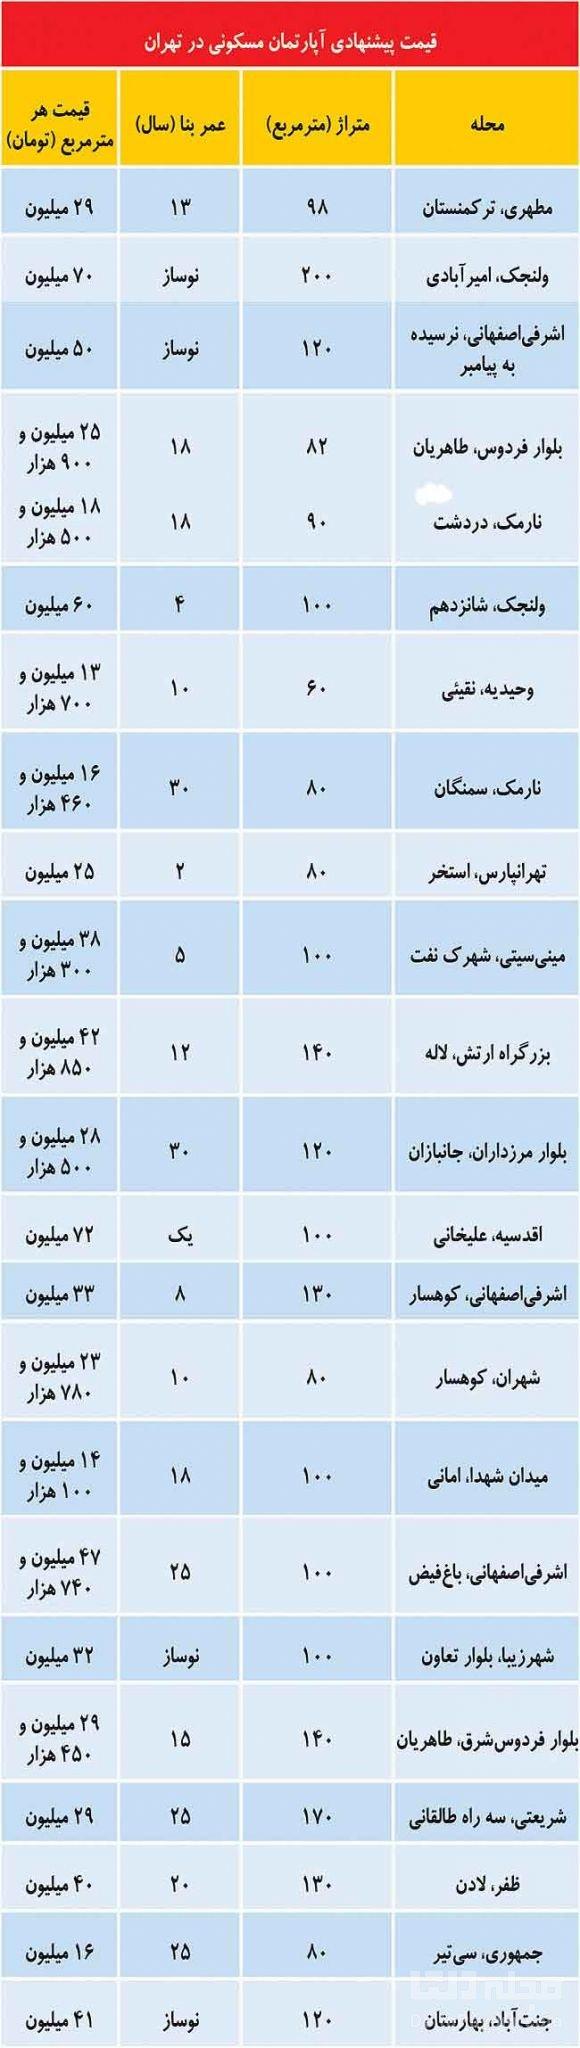 قیمت-های-شهریوری-مسکن-در-تهران